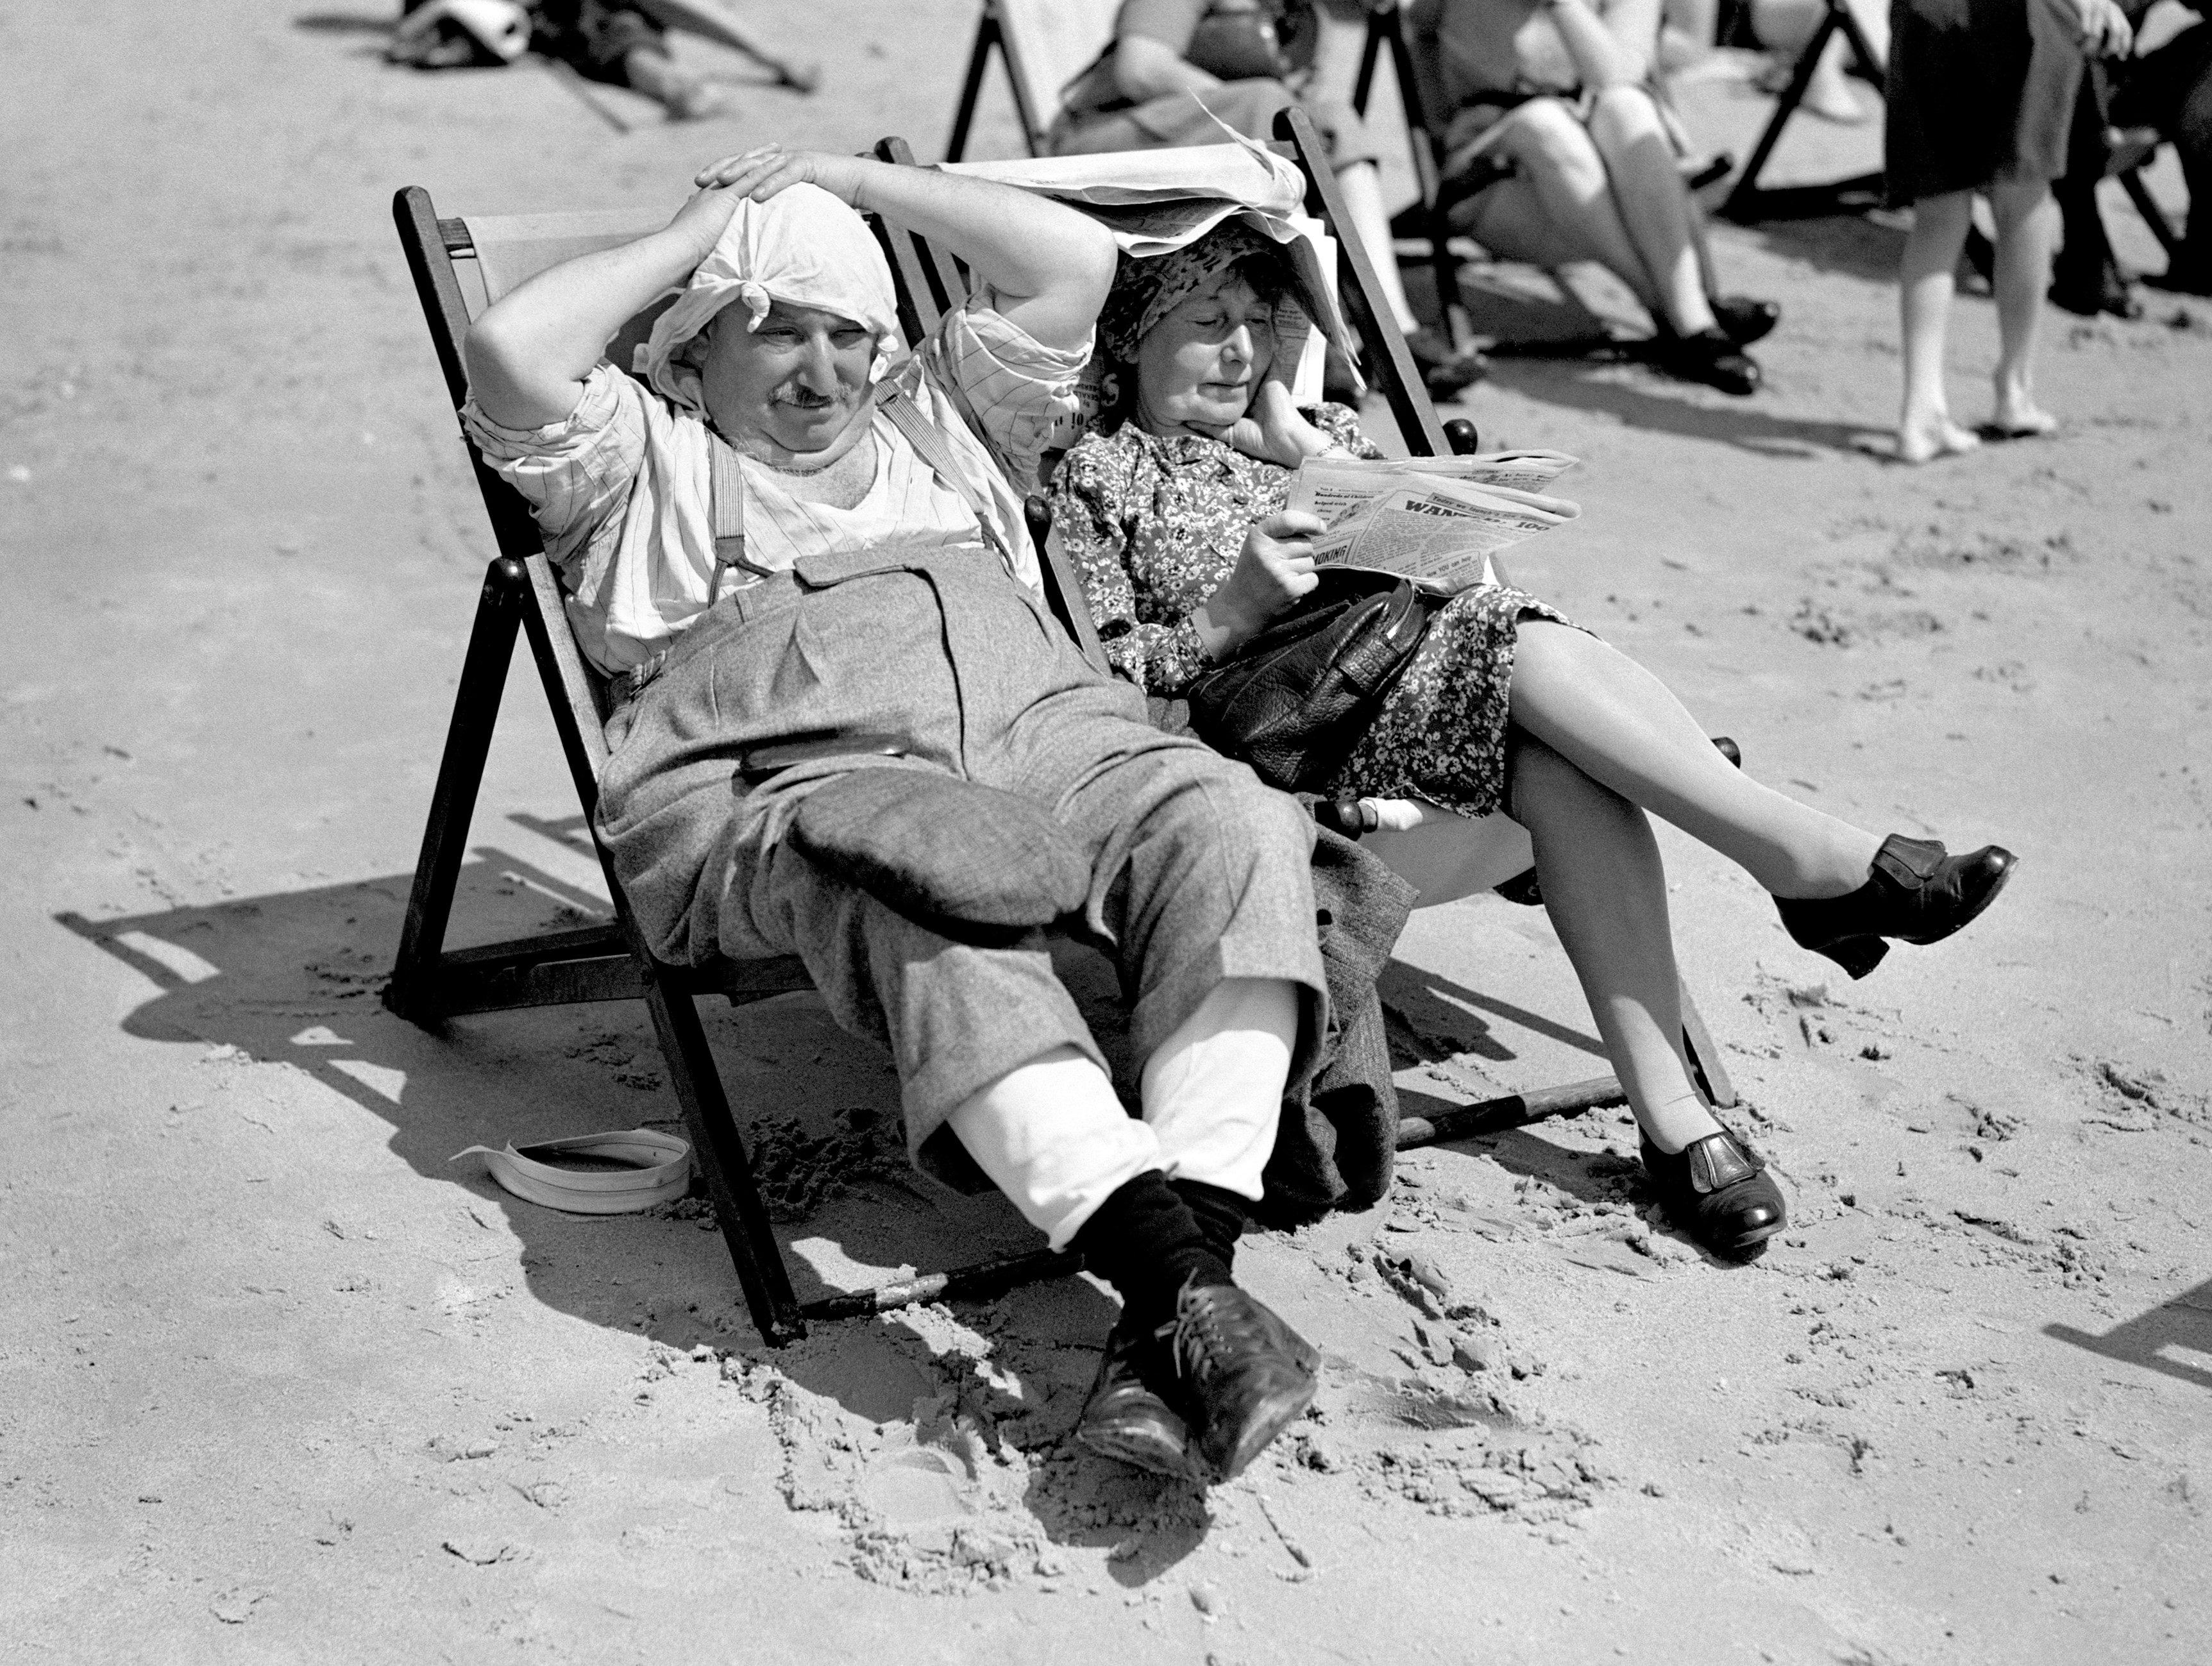 British seaside 1950s